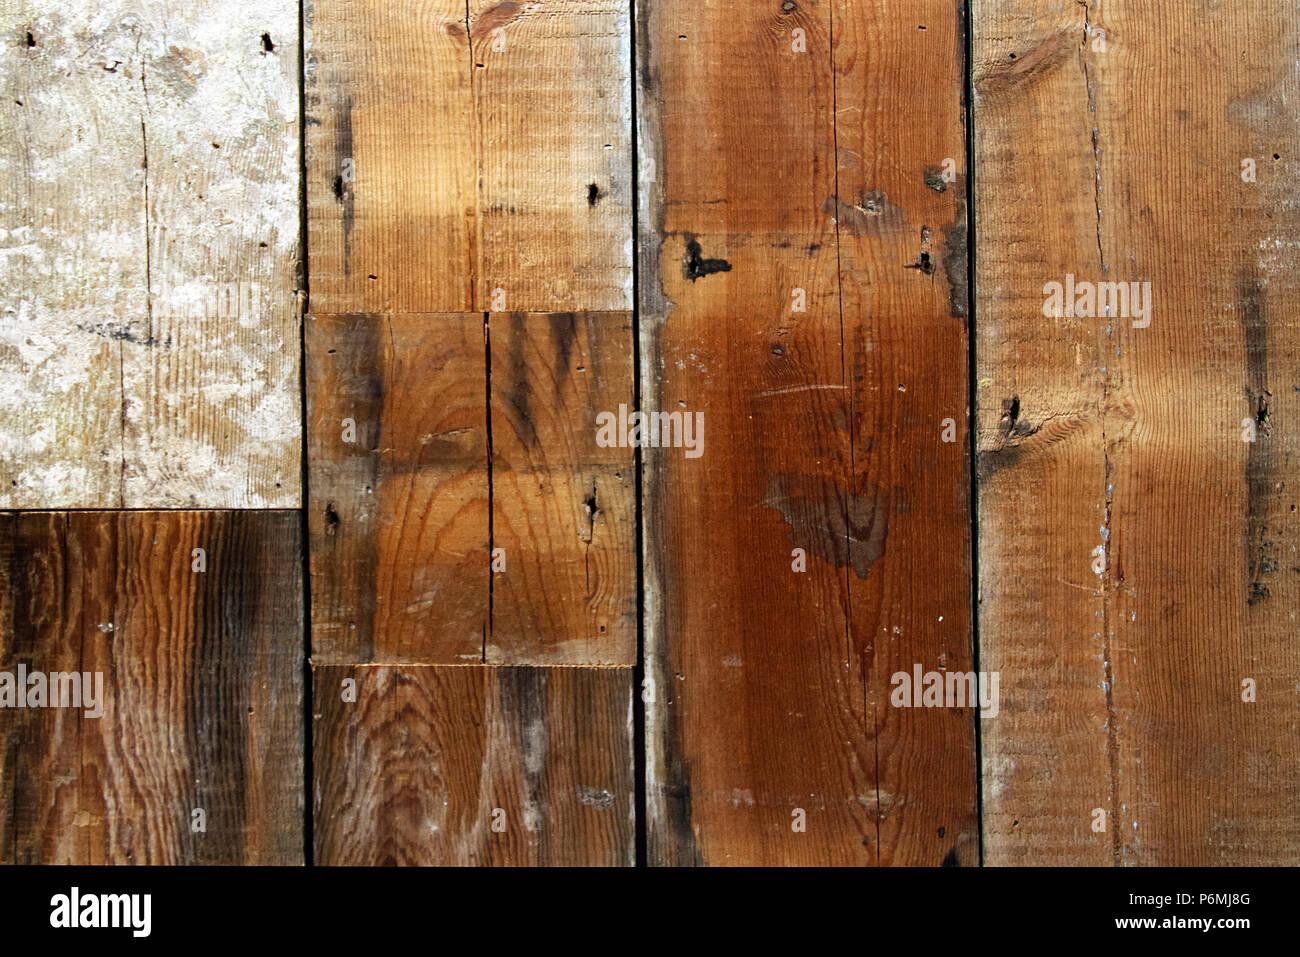 Satte Farben In Einer Holzmaserung Hintergrund Von Holzbohlen Aus